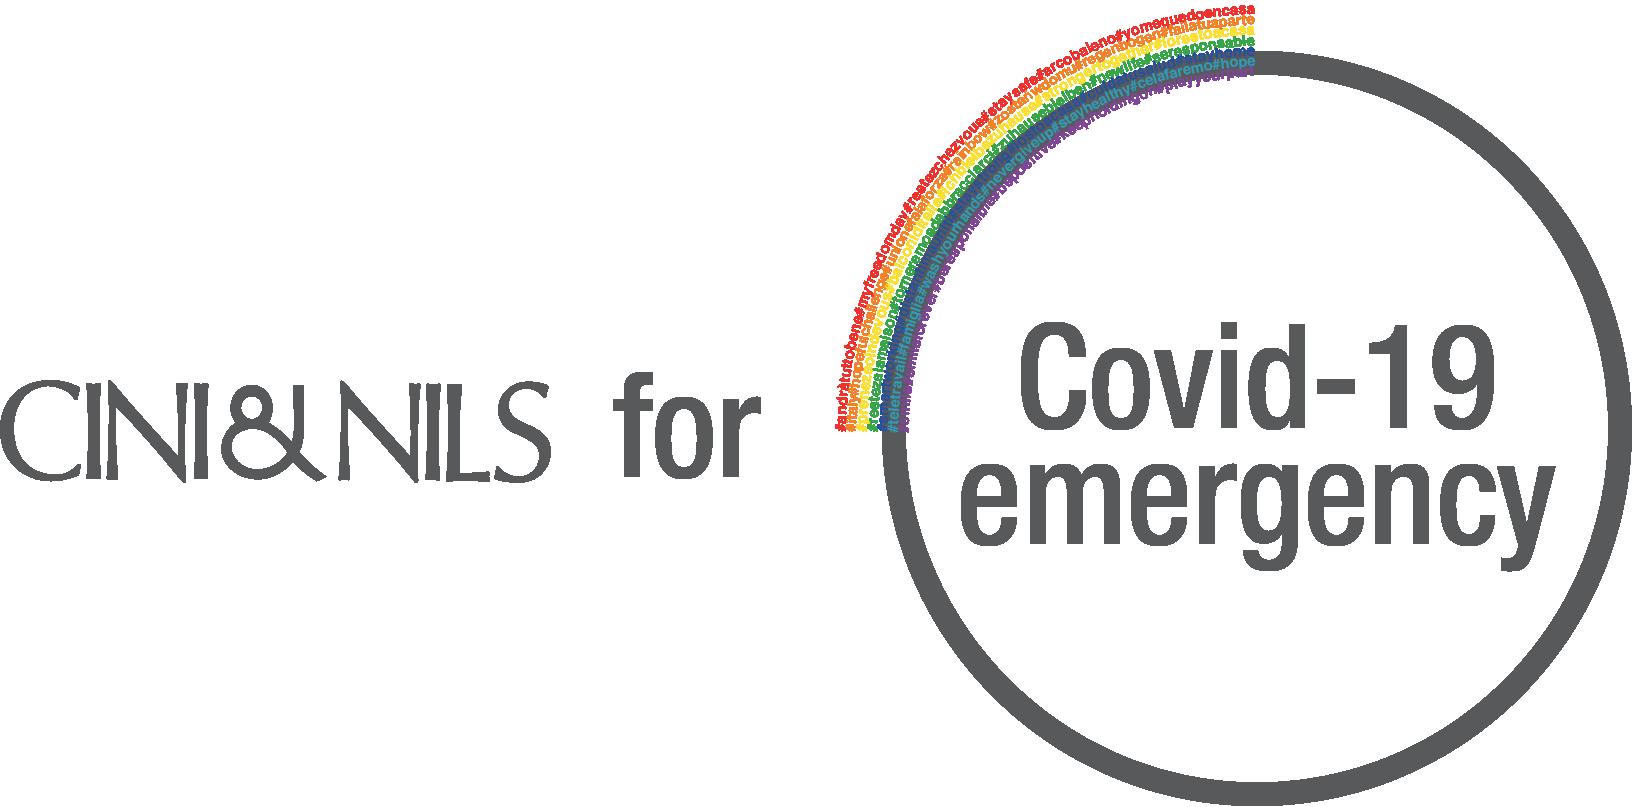 Cini&Nils for Covid-19 Emergency